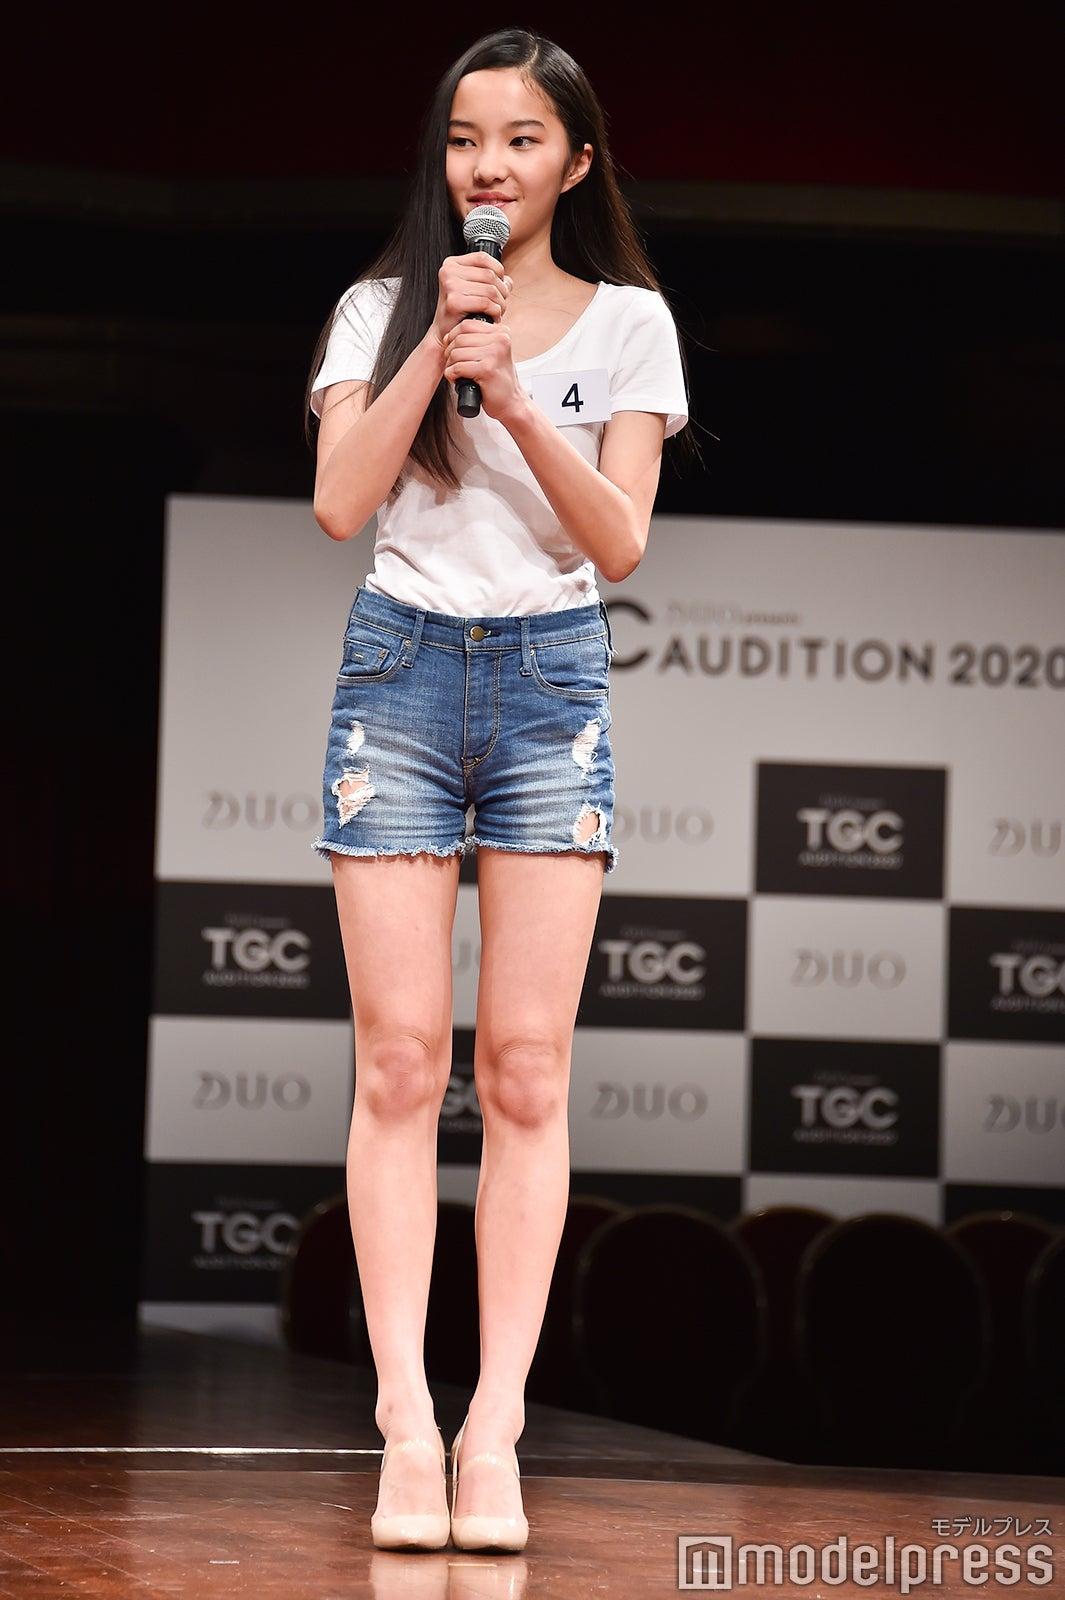 夢 田中 叶 【ハイキュー!!】天内叶歌がかわいい!初登場や声優を紹介!田中との関係は?